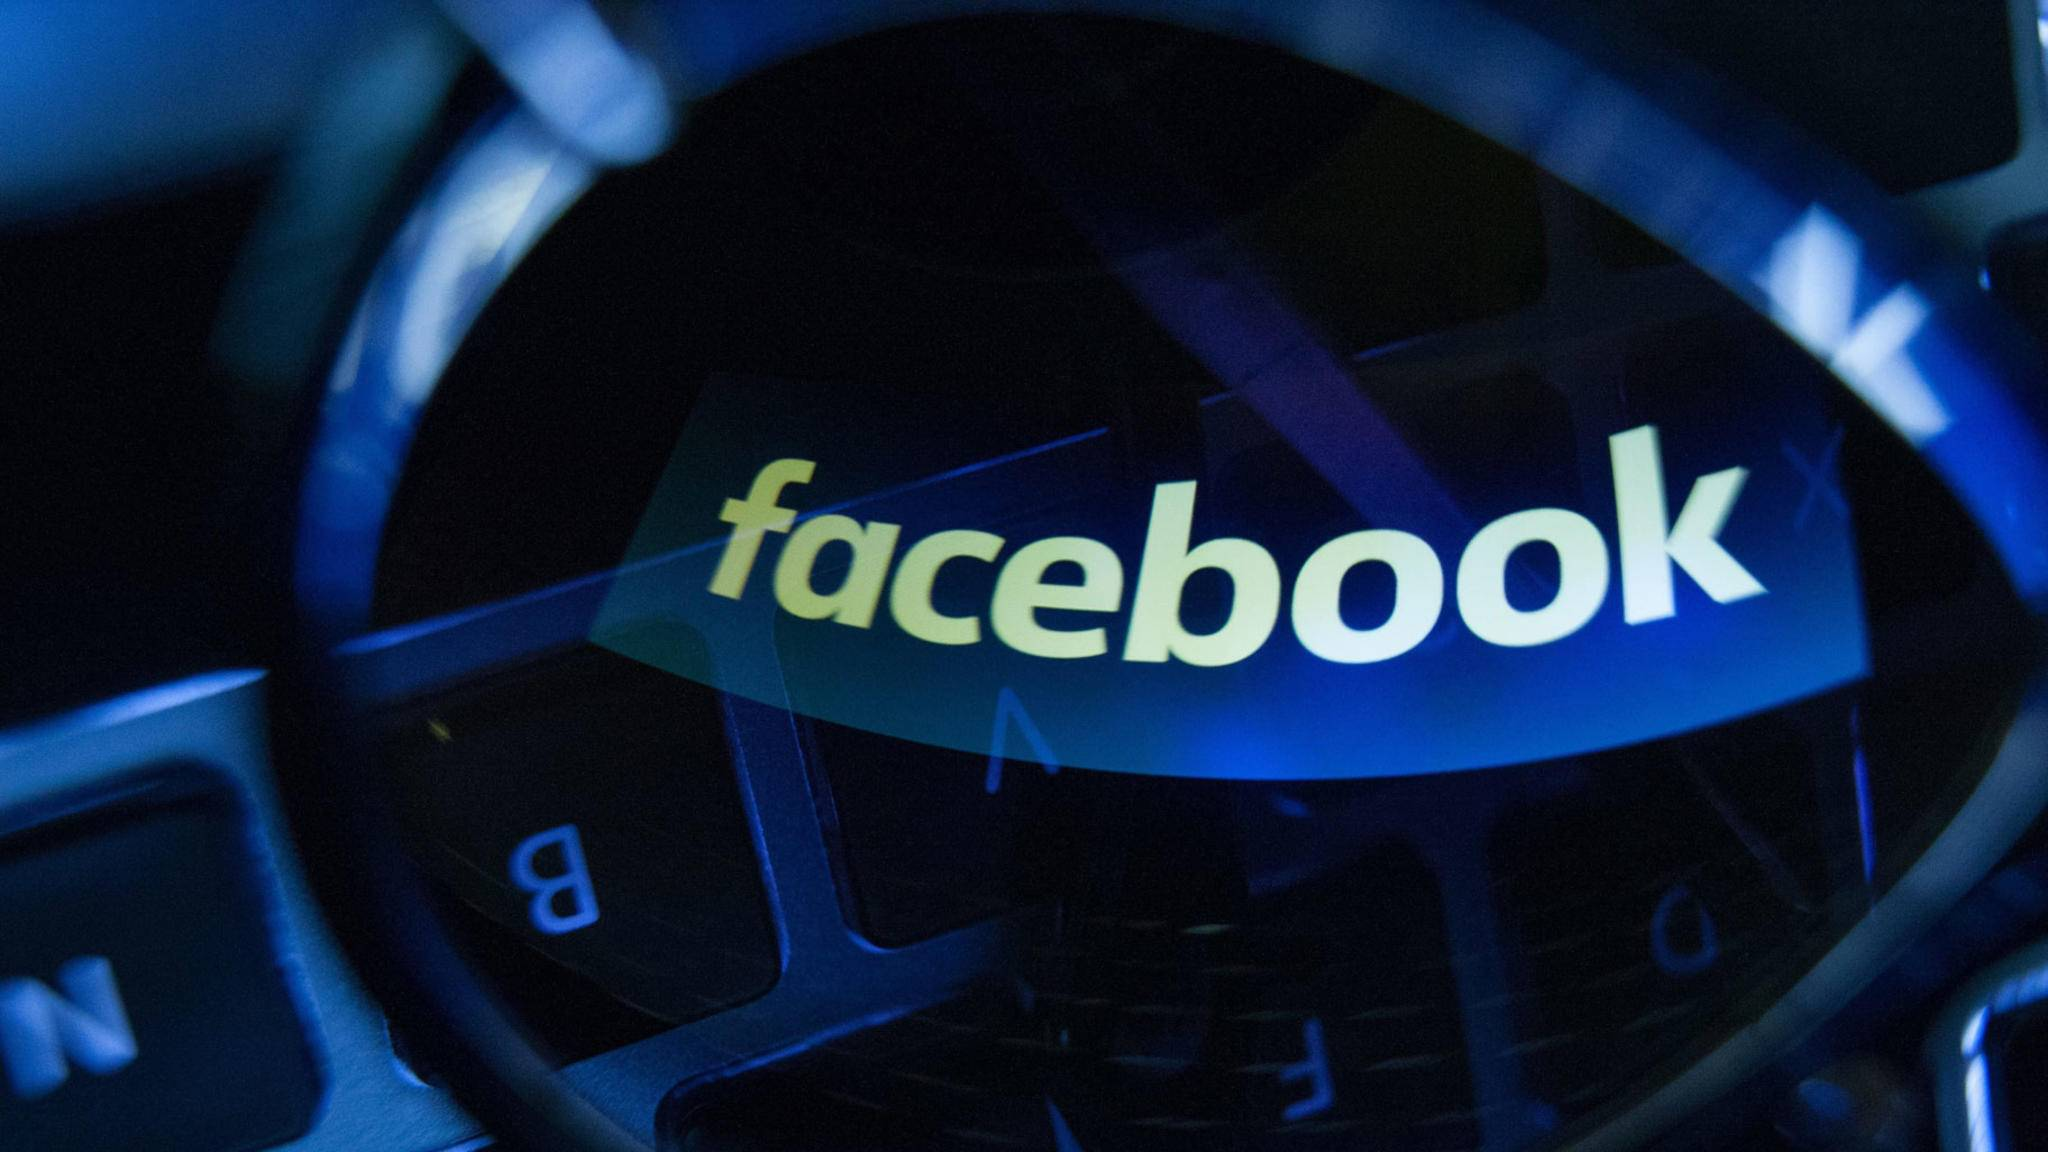 Wer besucht mein Facebook-Profi? Eine Frage, die viele Nutzer interessiert.